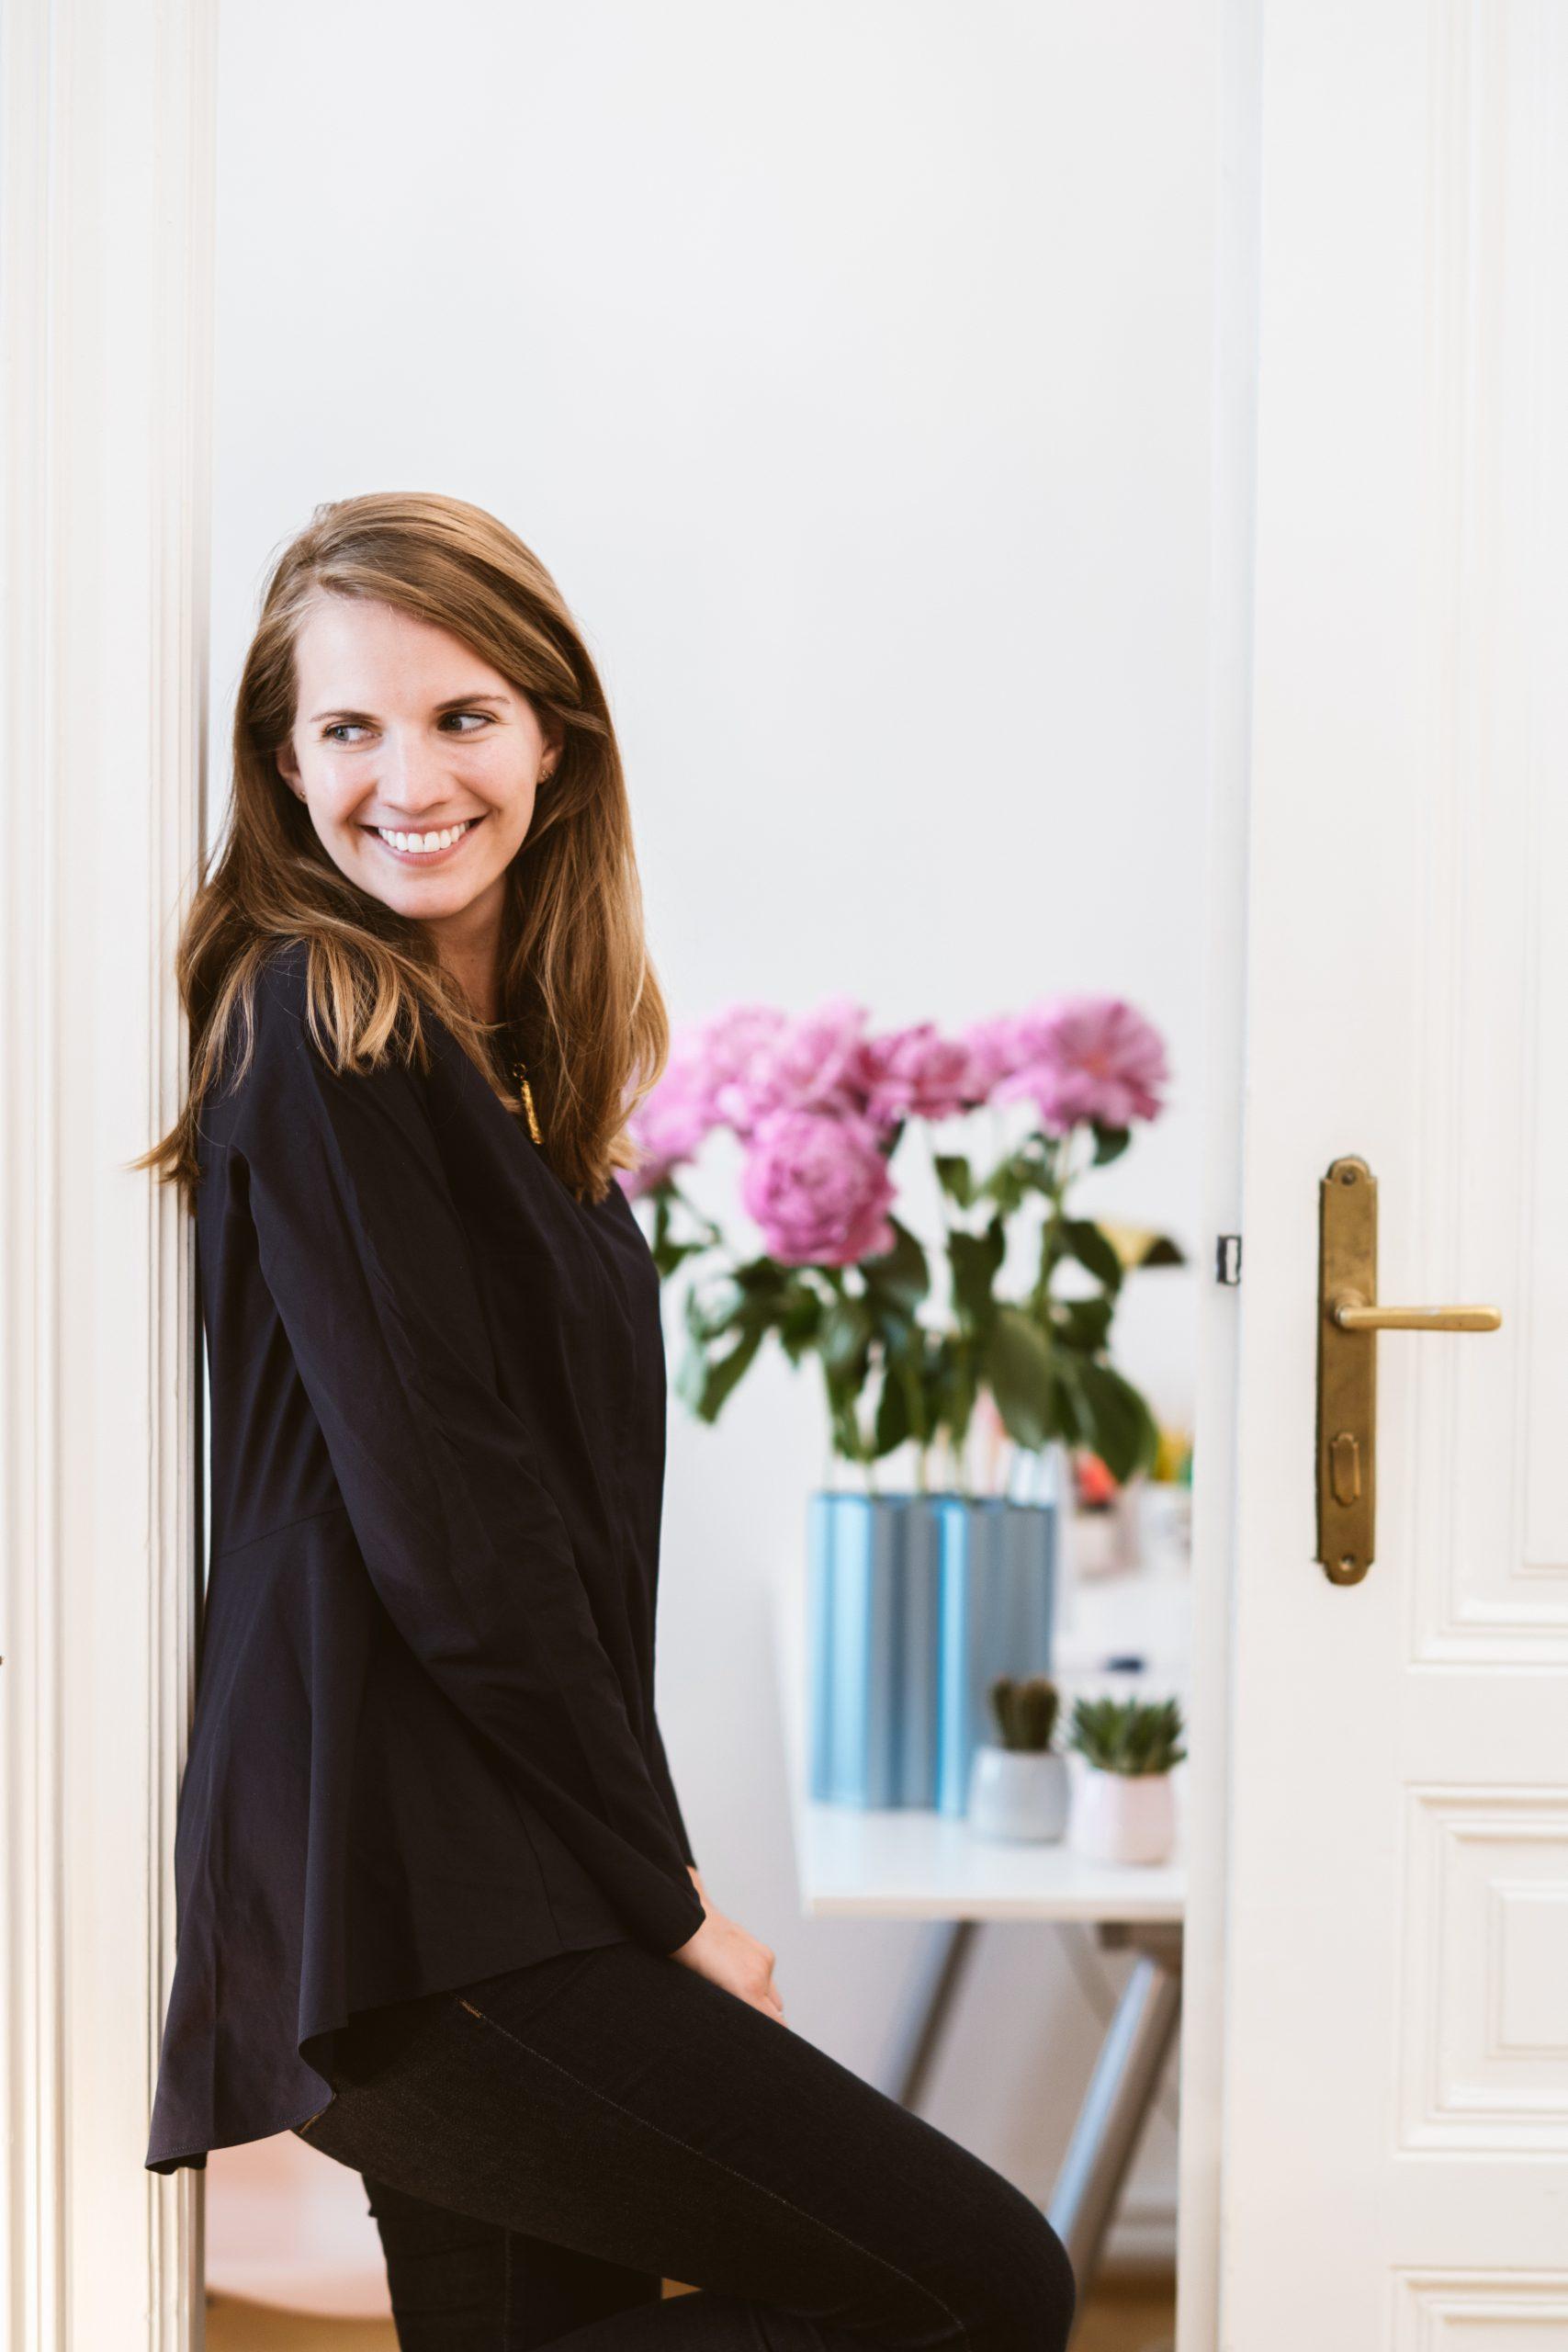 Franziska Resinger - Kreativagentur franCie.